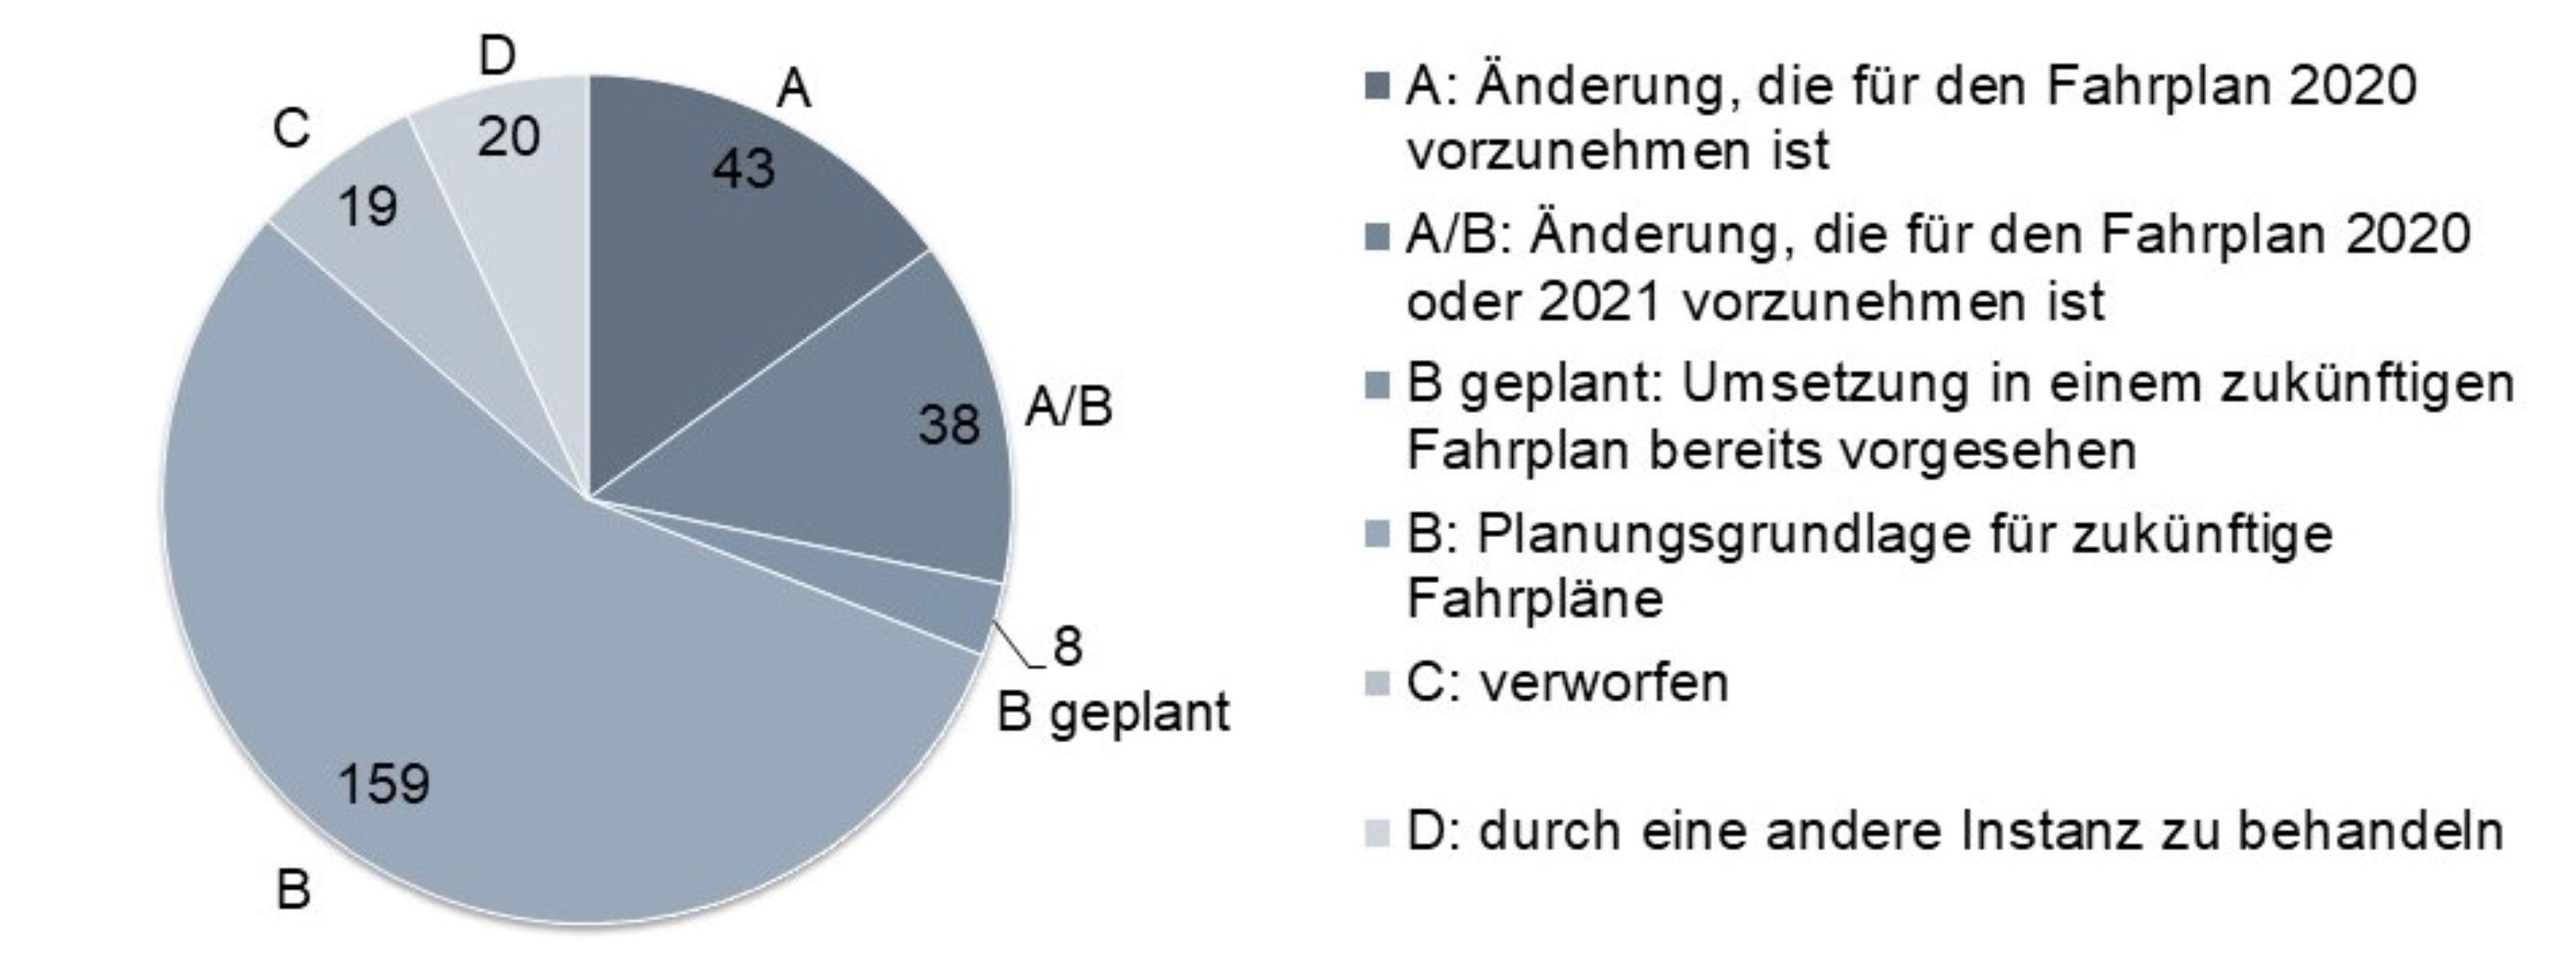 Fahrplan 2020: Öffenliche Vernehmlassung